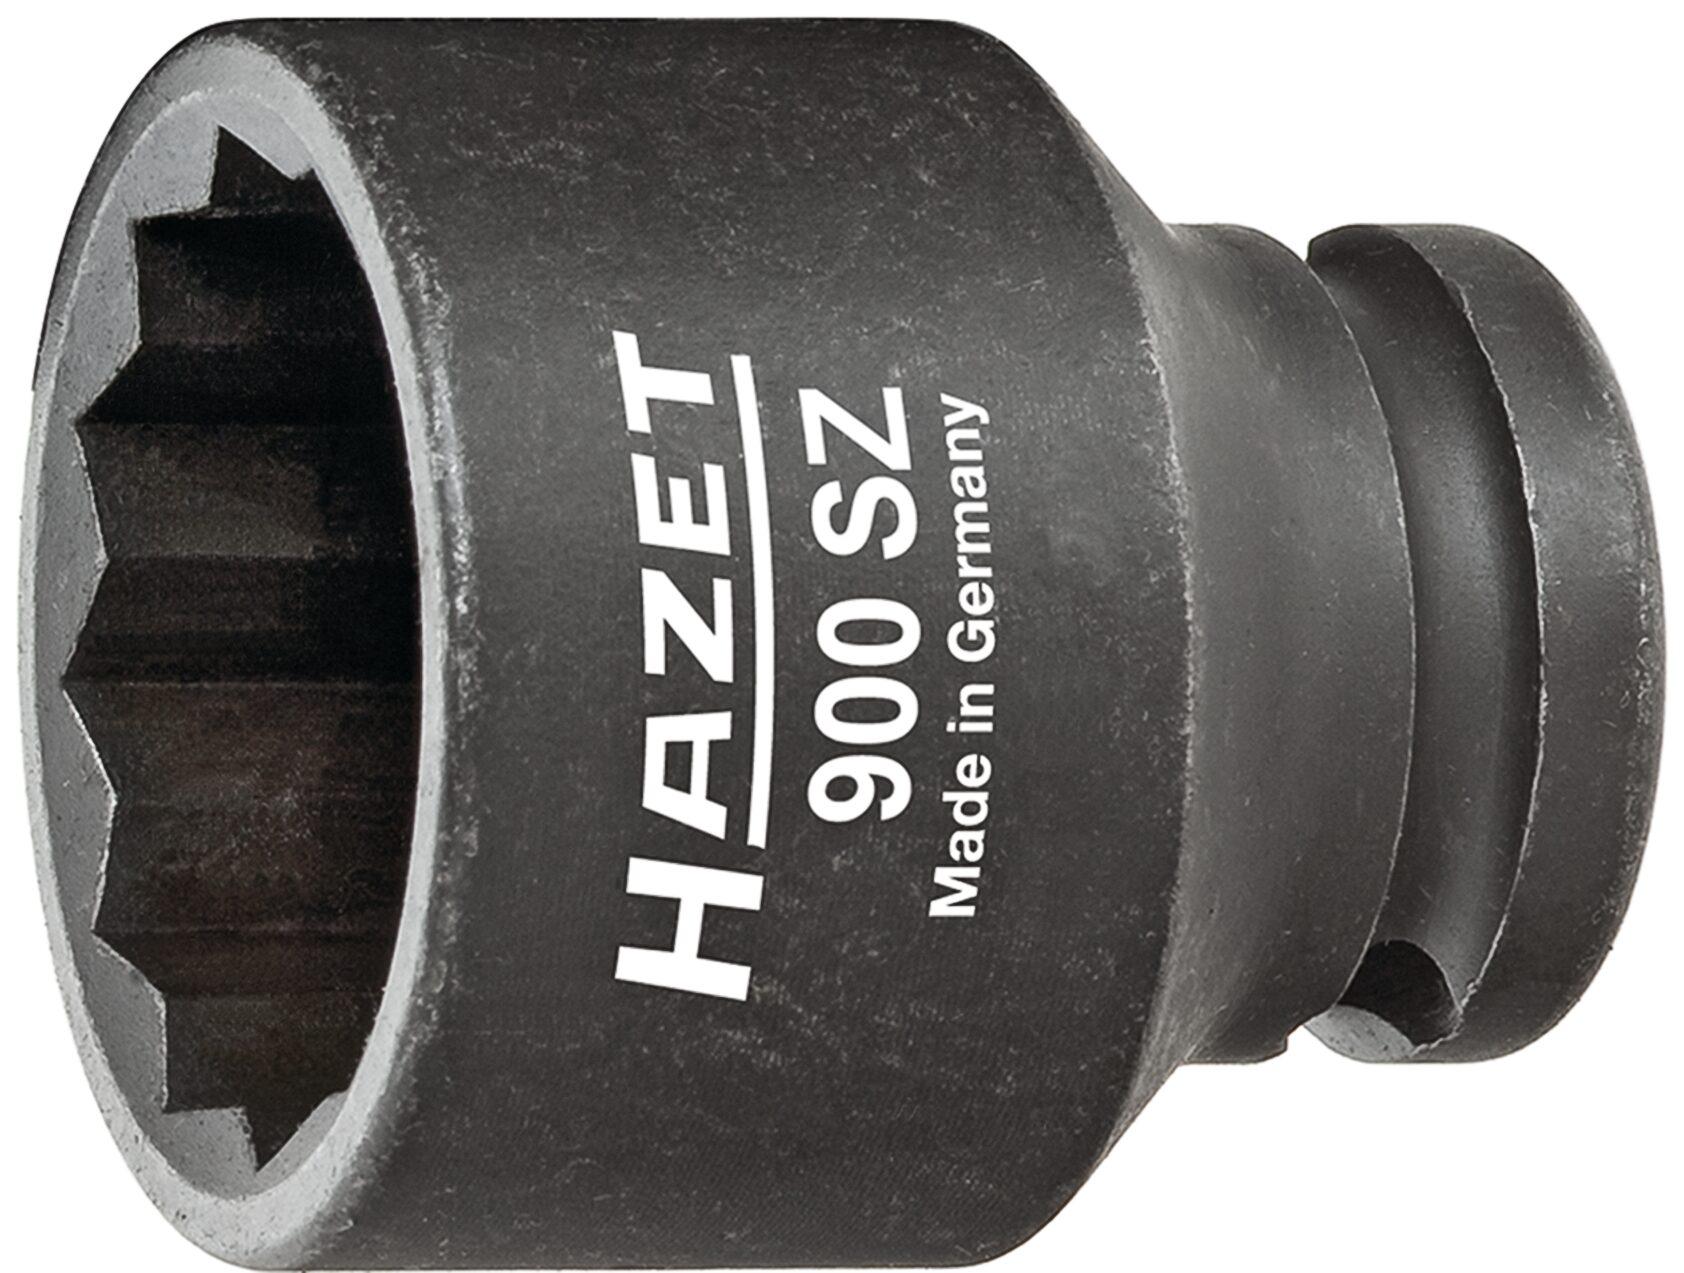 HAZET Schlag- ∙ Maschinenschrauber Steckschlüsseleinsatz ∙ Doppelsechskant 900SZ-14 ∙ Vierkant hohl 12,5 mm (1/2 Zoll)